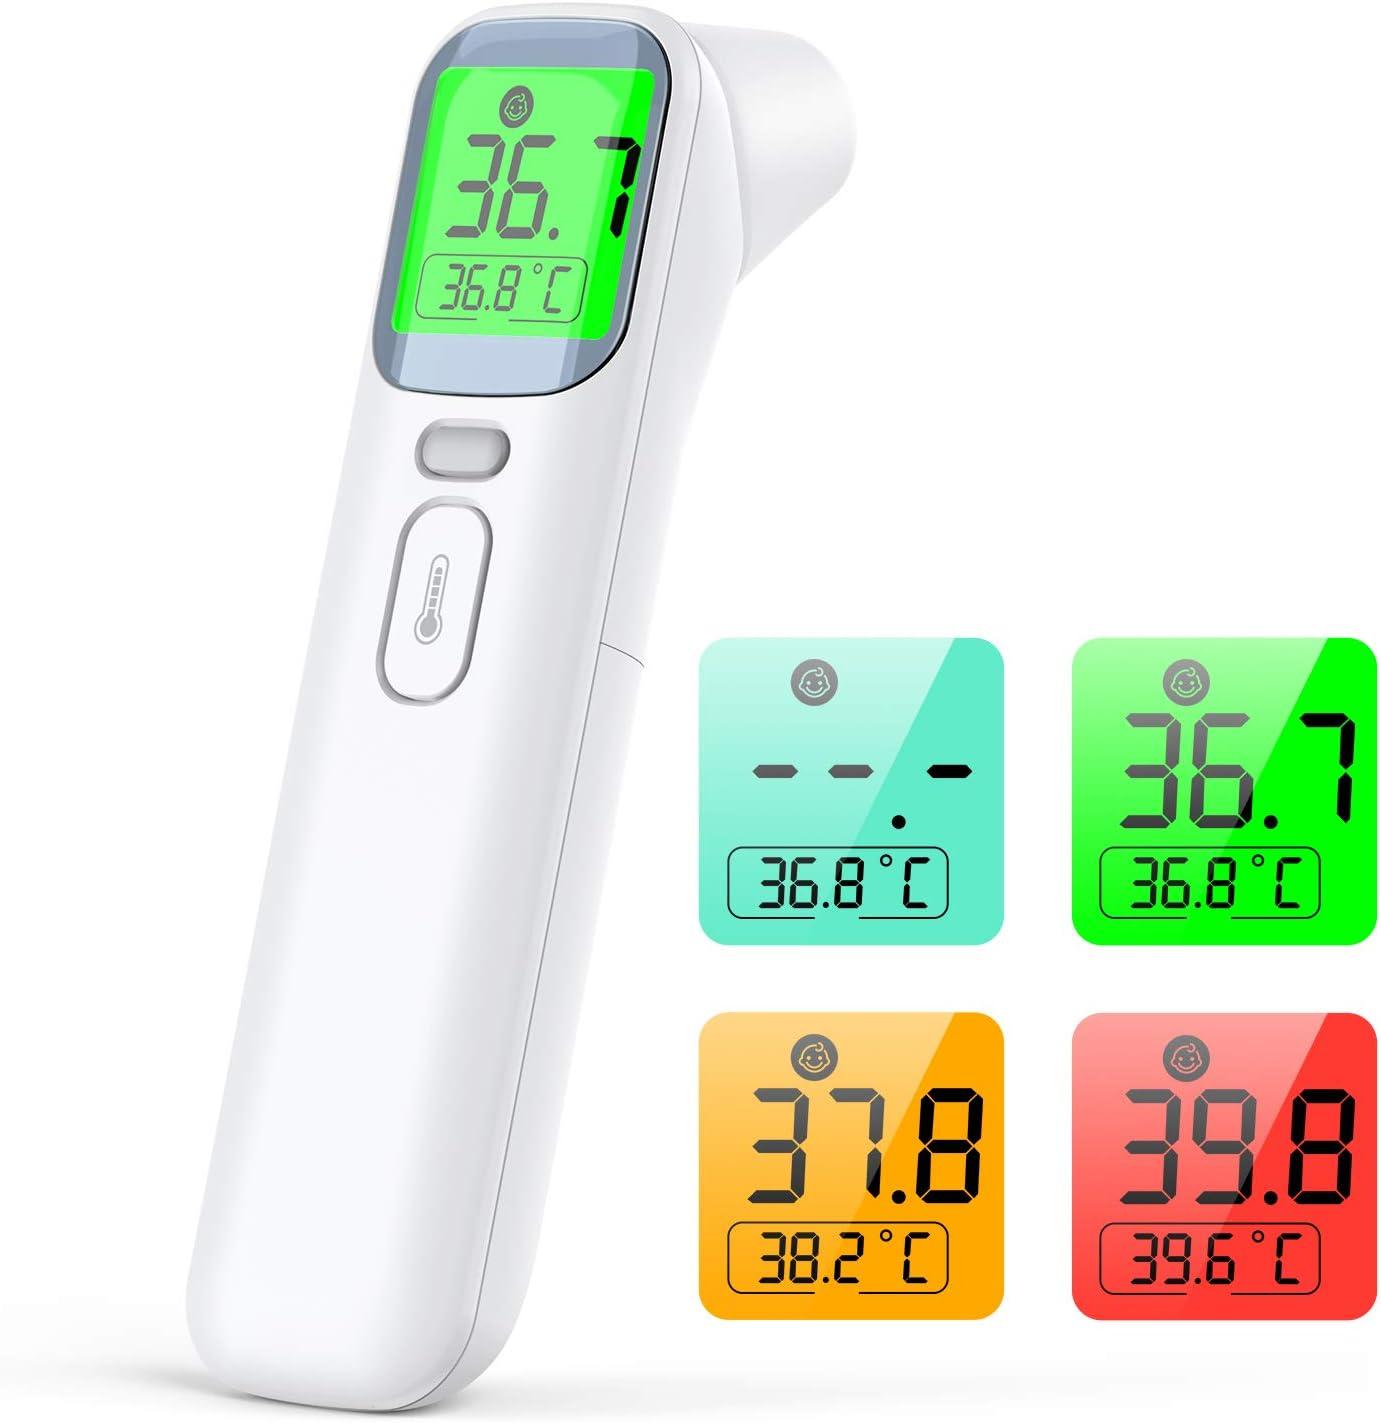 IDOIT Termometro infrarrojos 4 en 1 termómetro infrarrojos sin contacto médico para termometro frontal y oído,termometro laser precisa y rápida, termometro digital adulto y niños, ambiente y objetos